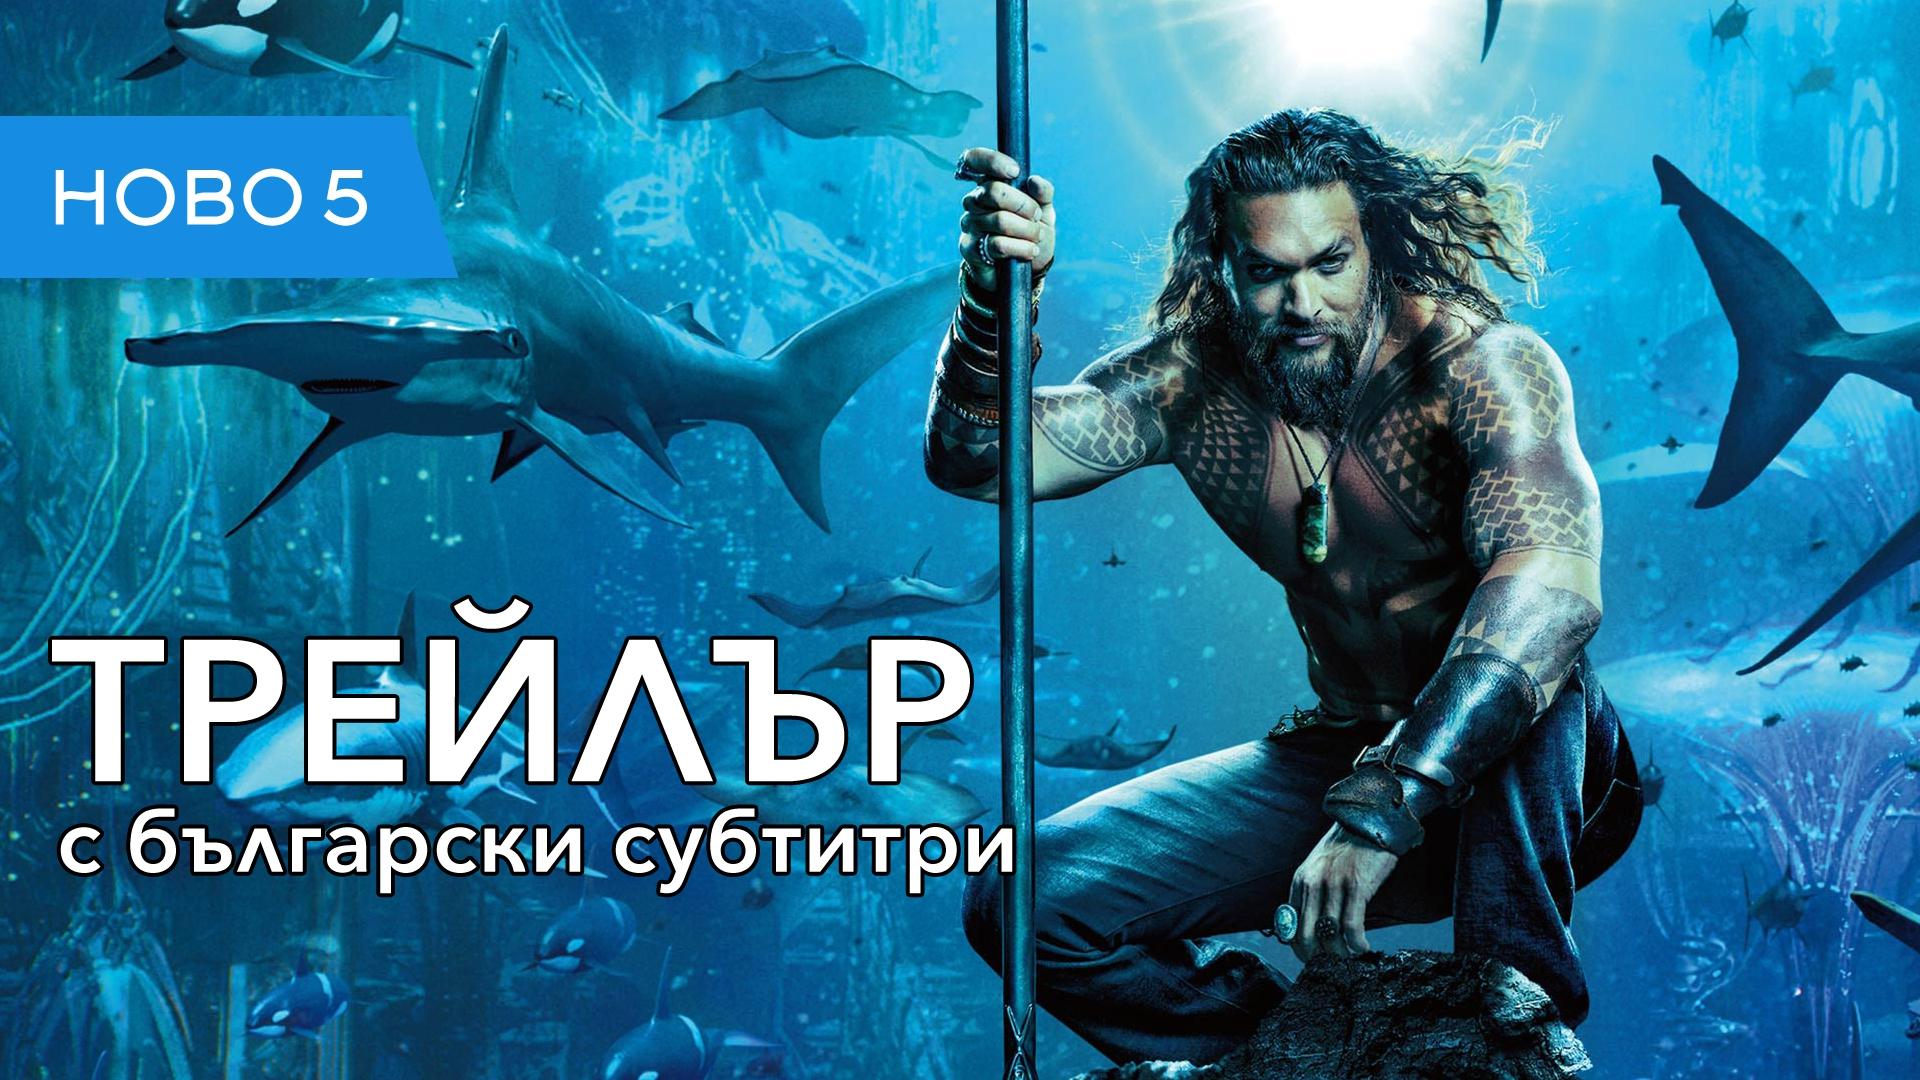 Аквамен (2018) първи трейлър с български субтитри